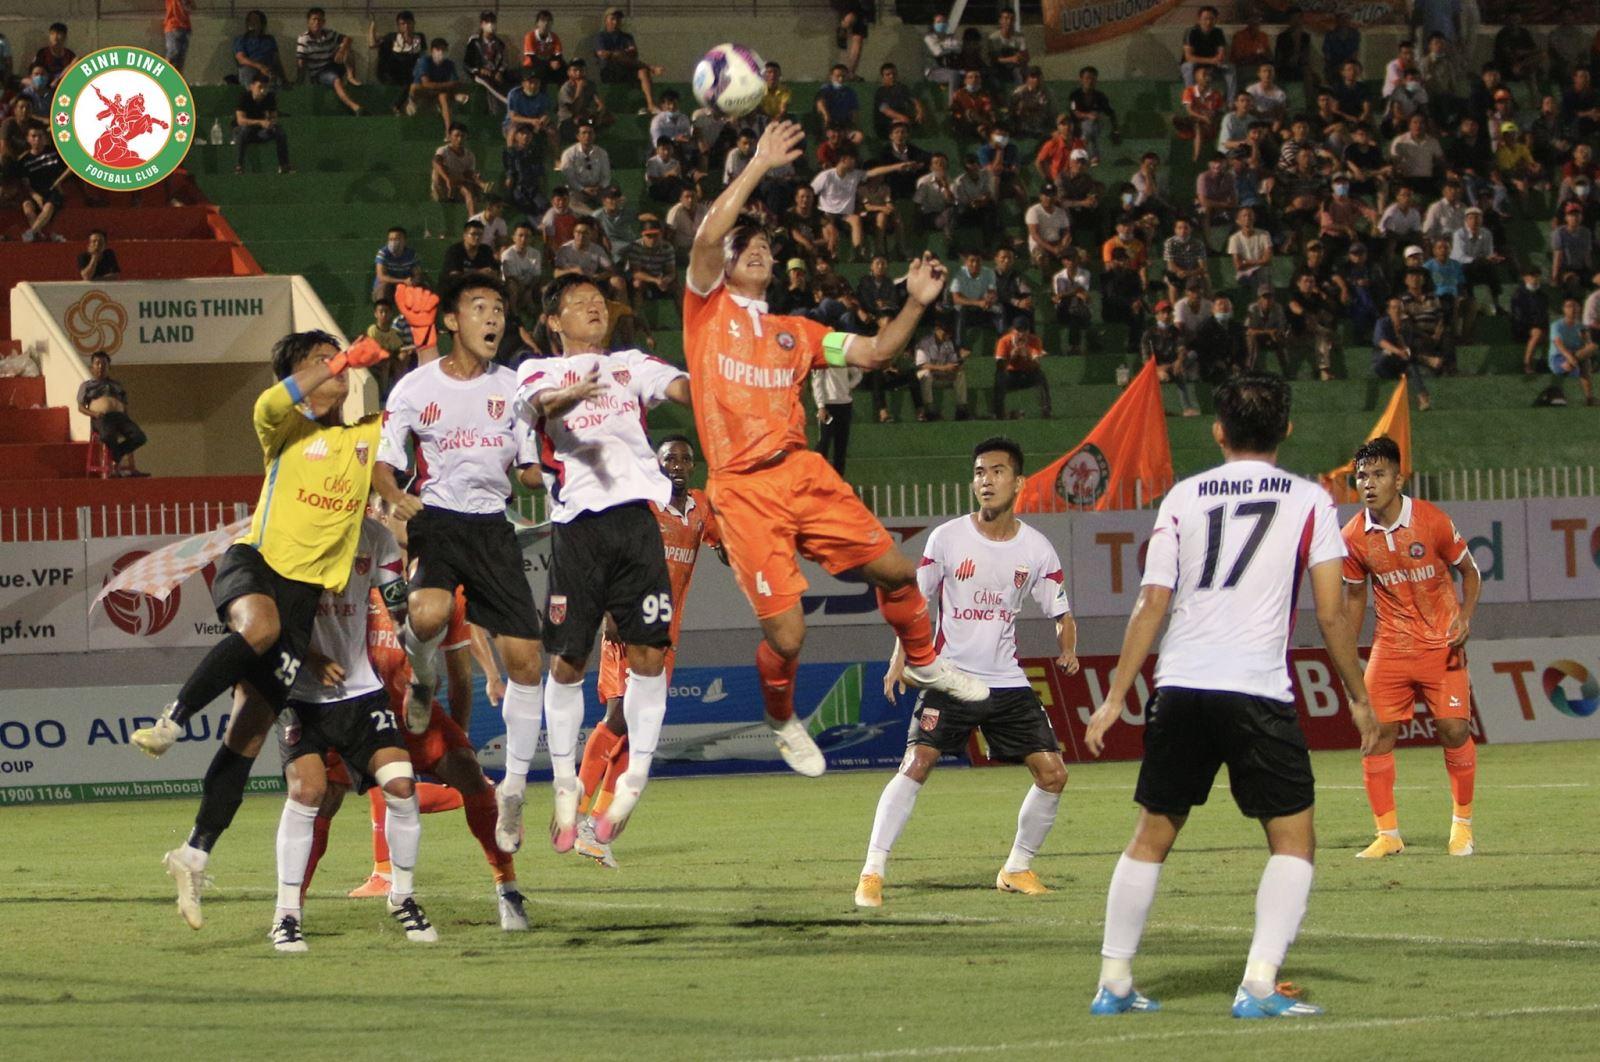 bóng đá, tin bóng đá, Cúp Quốc gia, HAGL, Bình Định, SLNA, Phố Hiến, bảng xếp hạng V-League 2021, Thanh Hoá, vòng 11 V-League 2021, Cúp QG 2021